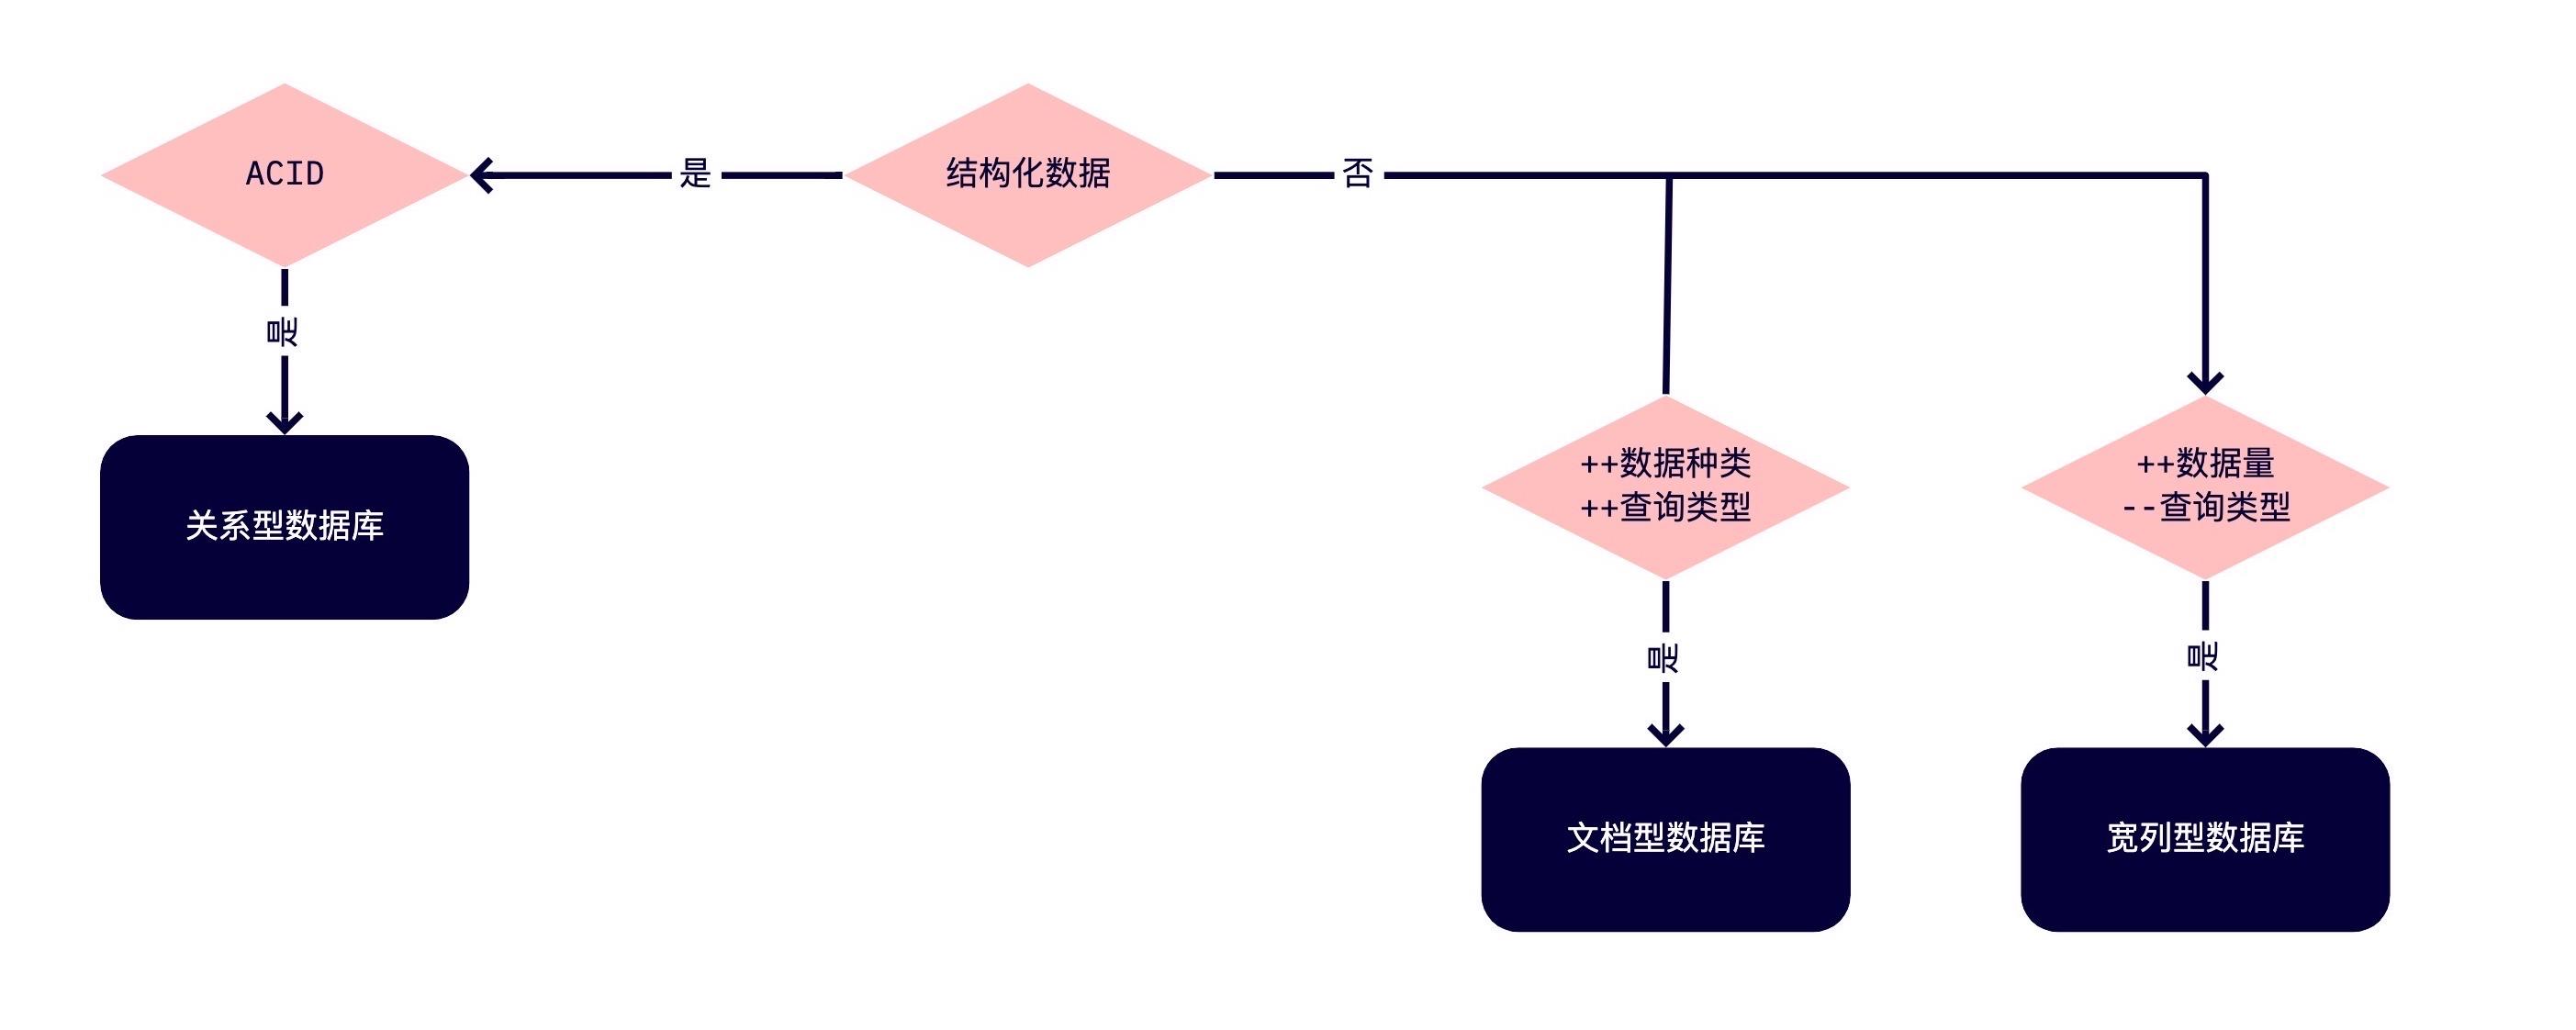 数据库选择流程图